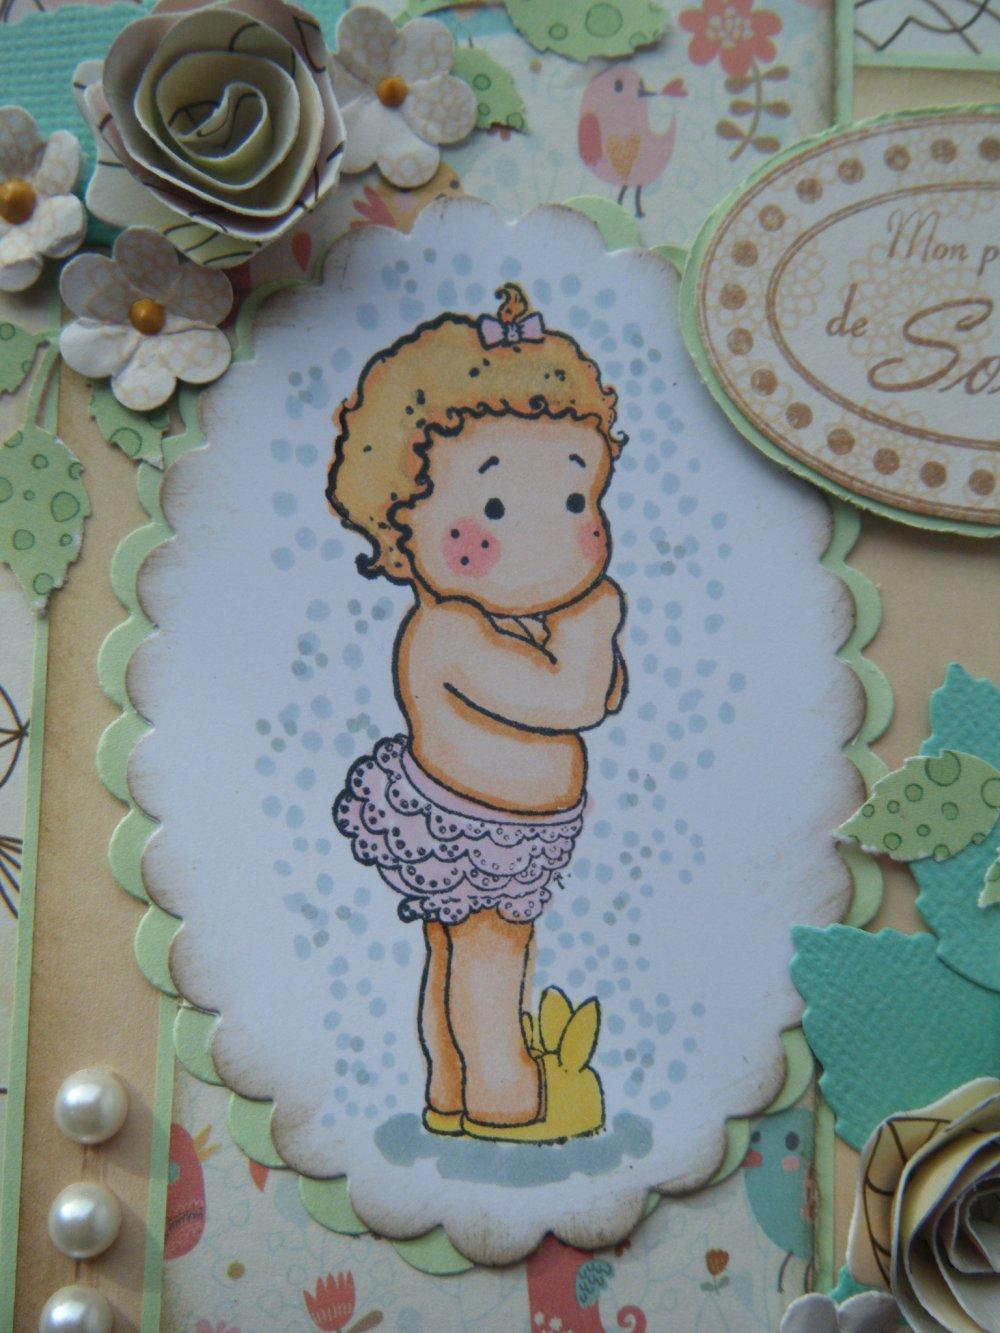 carte enfant : bébé en chausson lapinou !